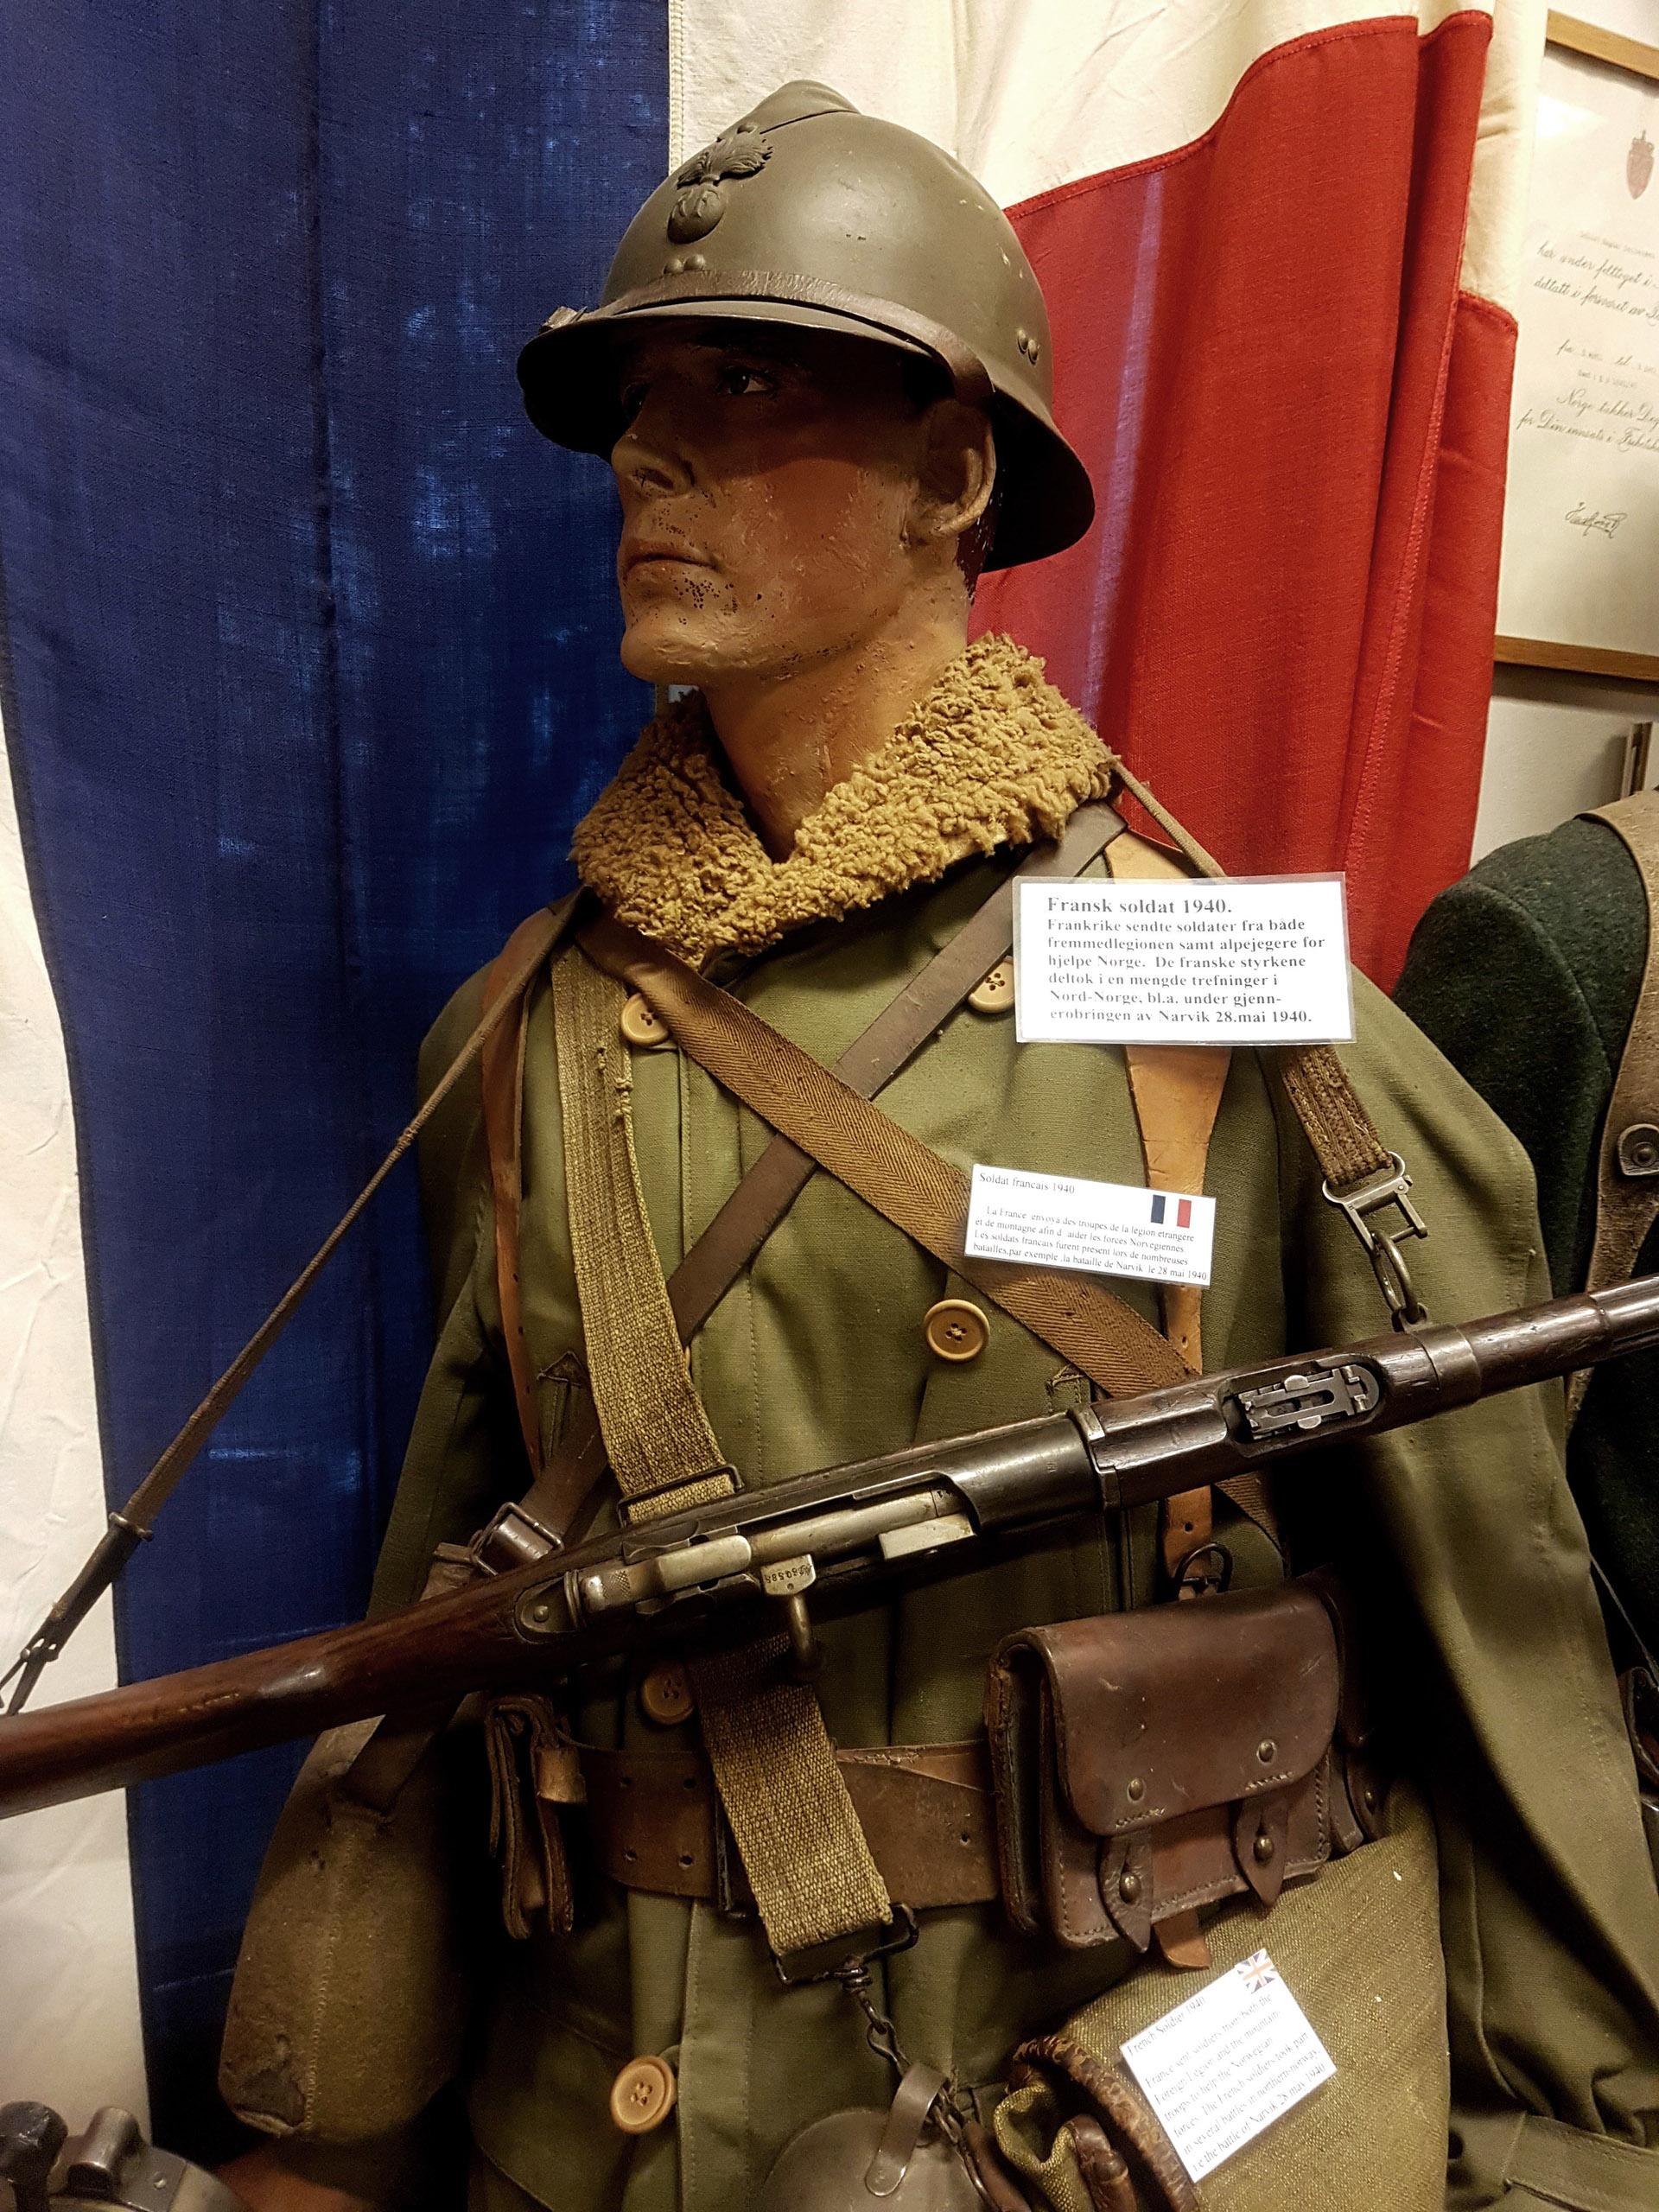 Fransk soldat i Norge 1940